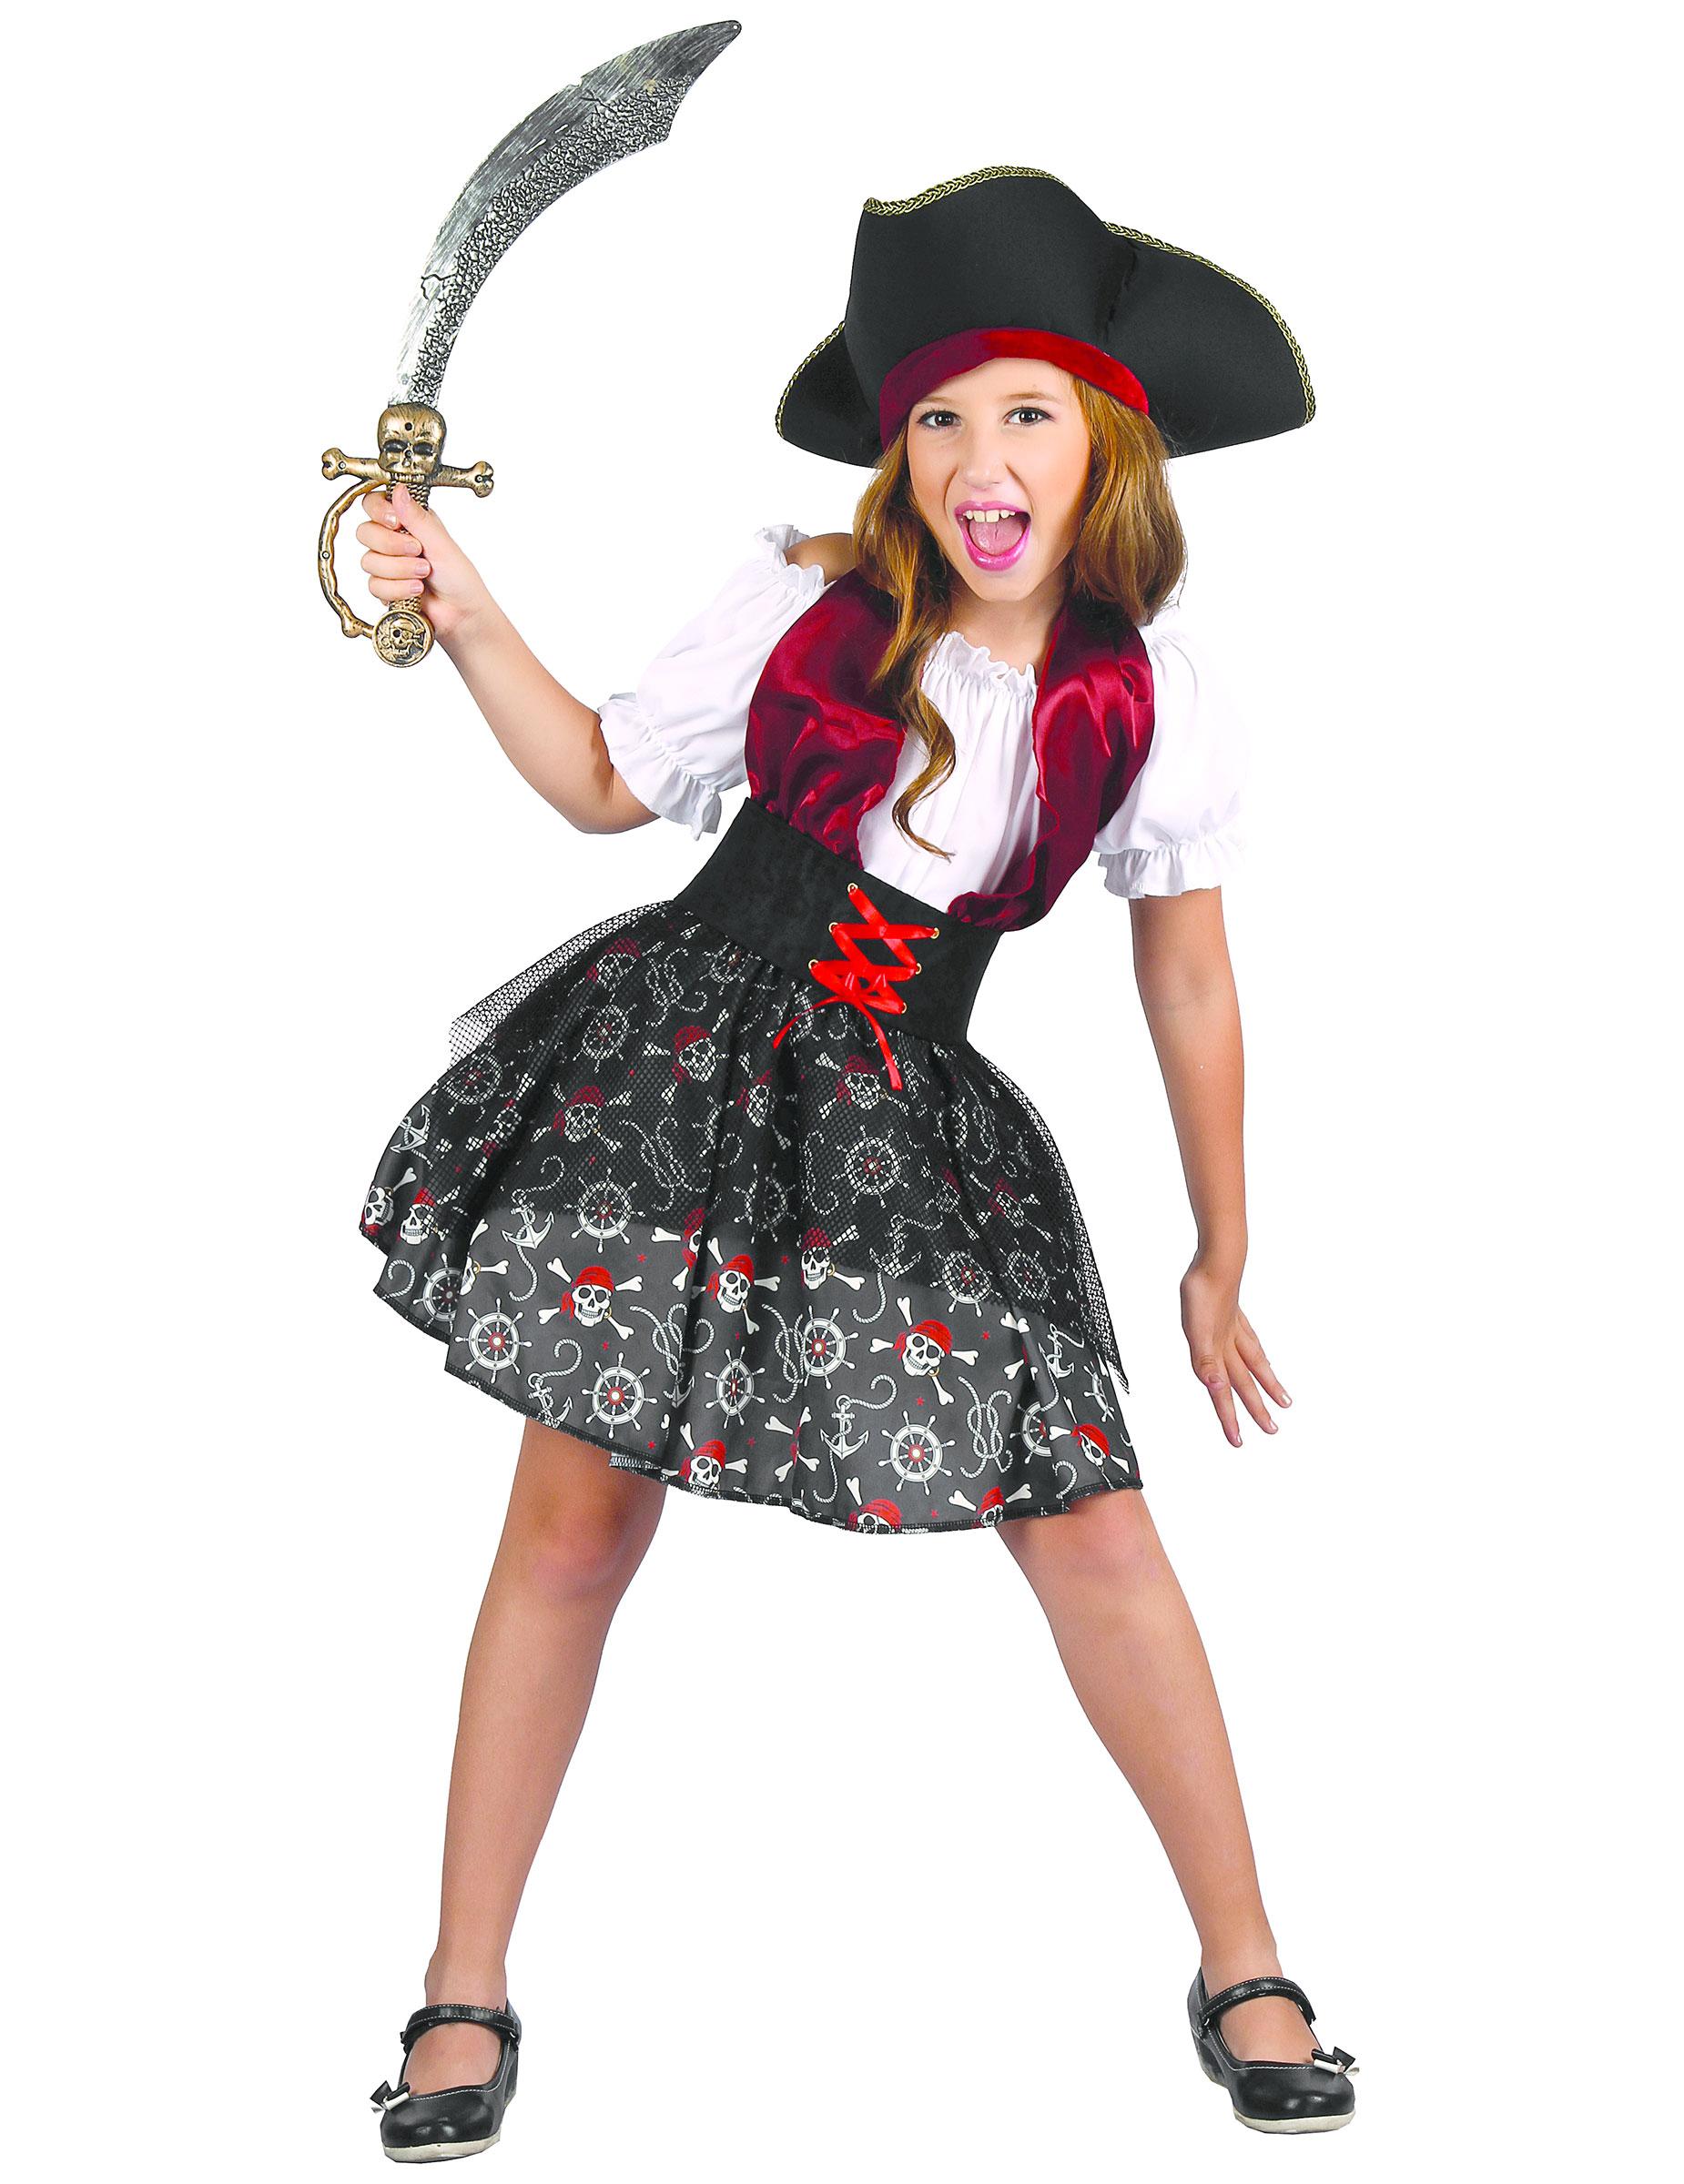 adf44b3a9 Disfraz pirata para niña